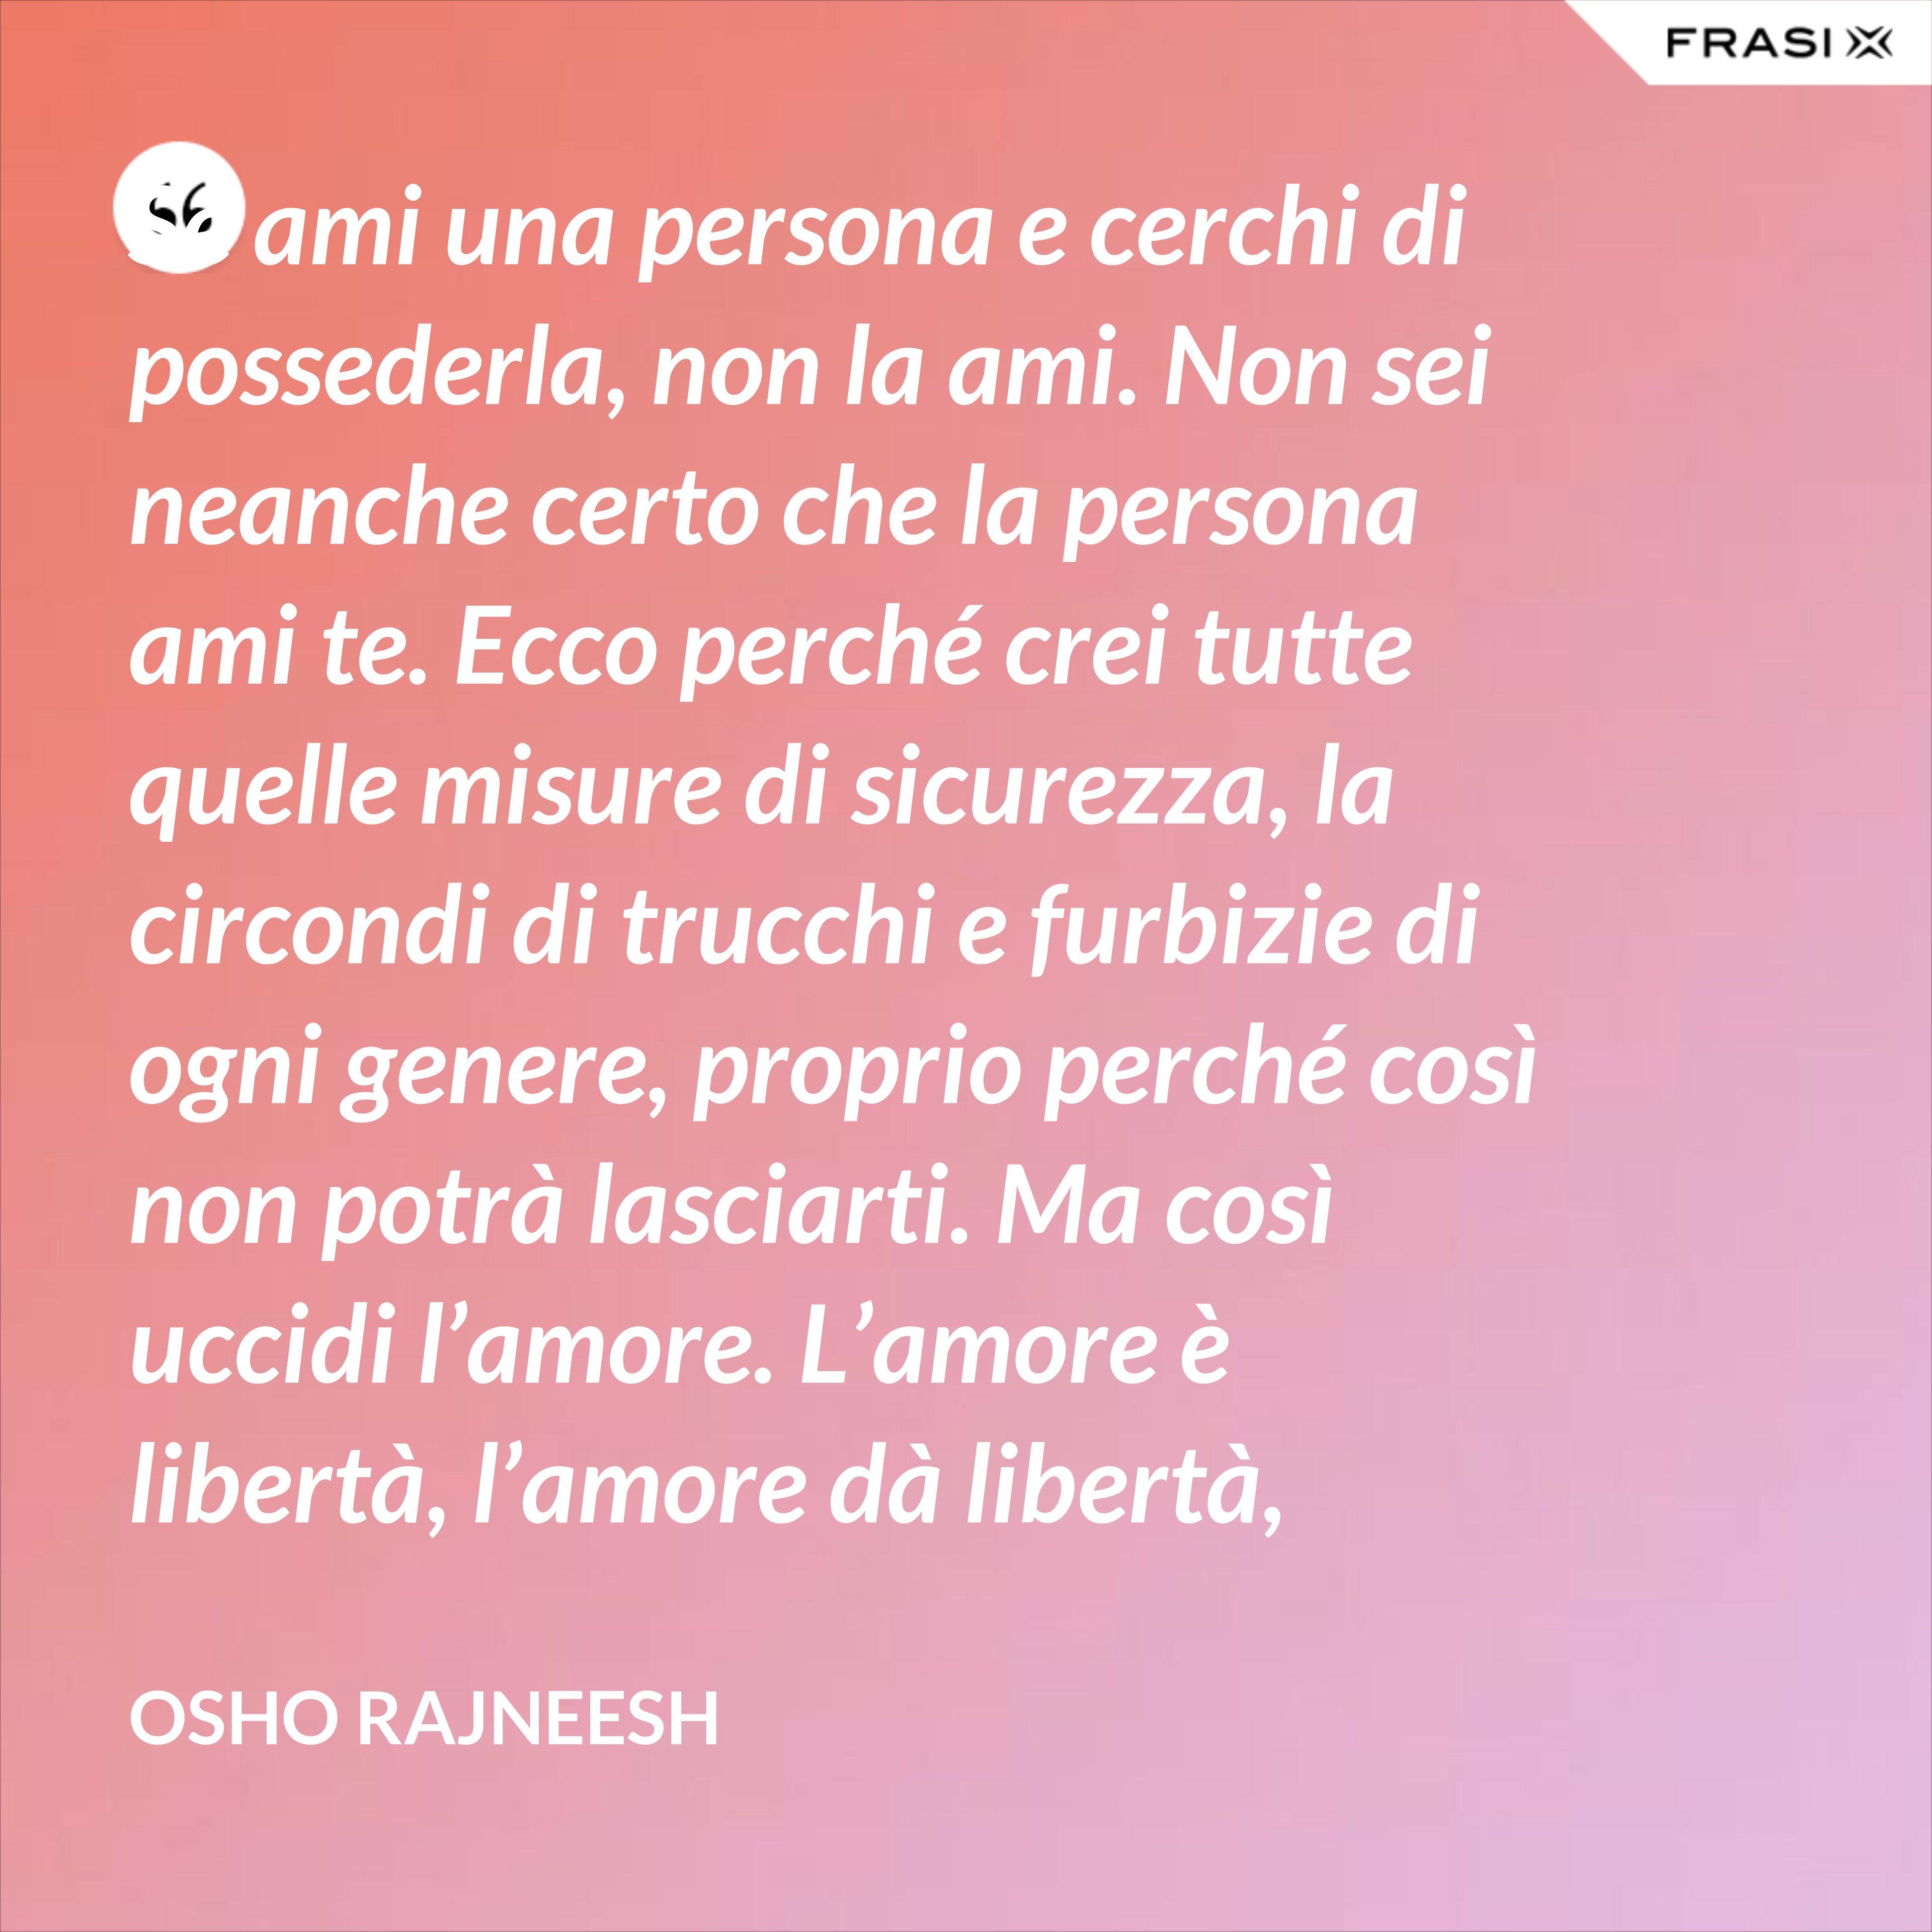 Se ami una persona e cerchi di possederla, non la ami. Non sei neanche certo che la persona ami te. Ecco perché crei tutte quelle misure di sicurezza, la circondi di trucchi e furbizie di ogni genere, proprio perché così non potrà lasciarti. Ma così uccidi l'amore. L'amore è libertà, l'amore dà libertà, l'amore vive nella libertà. L'amore è, nel suo nucleo più essenziale, libertà - Osho Rajneesh